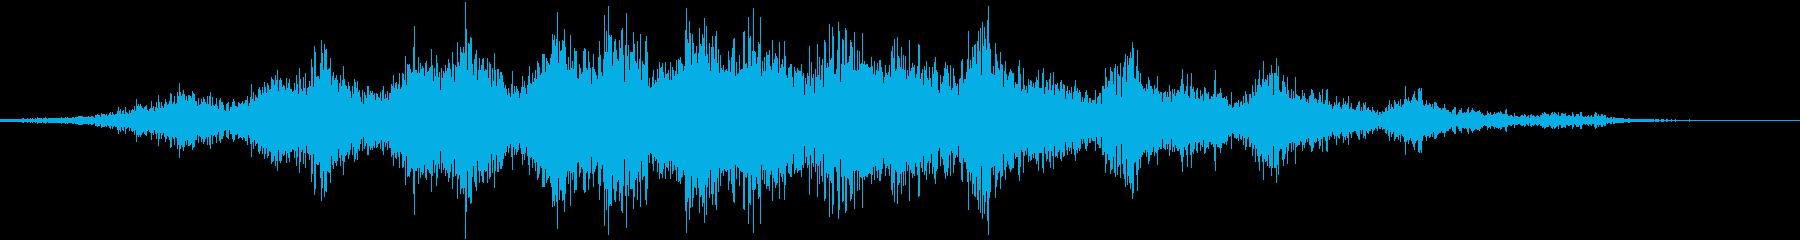 【ホラーゲーム】 不穏なタイトルロゴの再生済みの波形